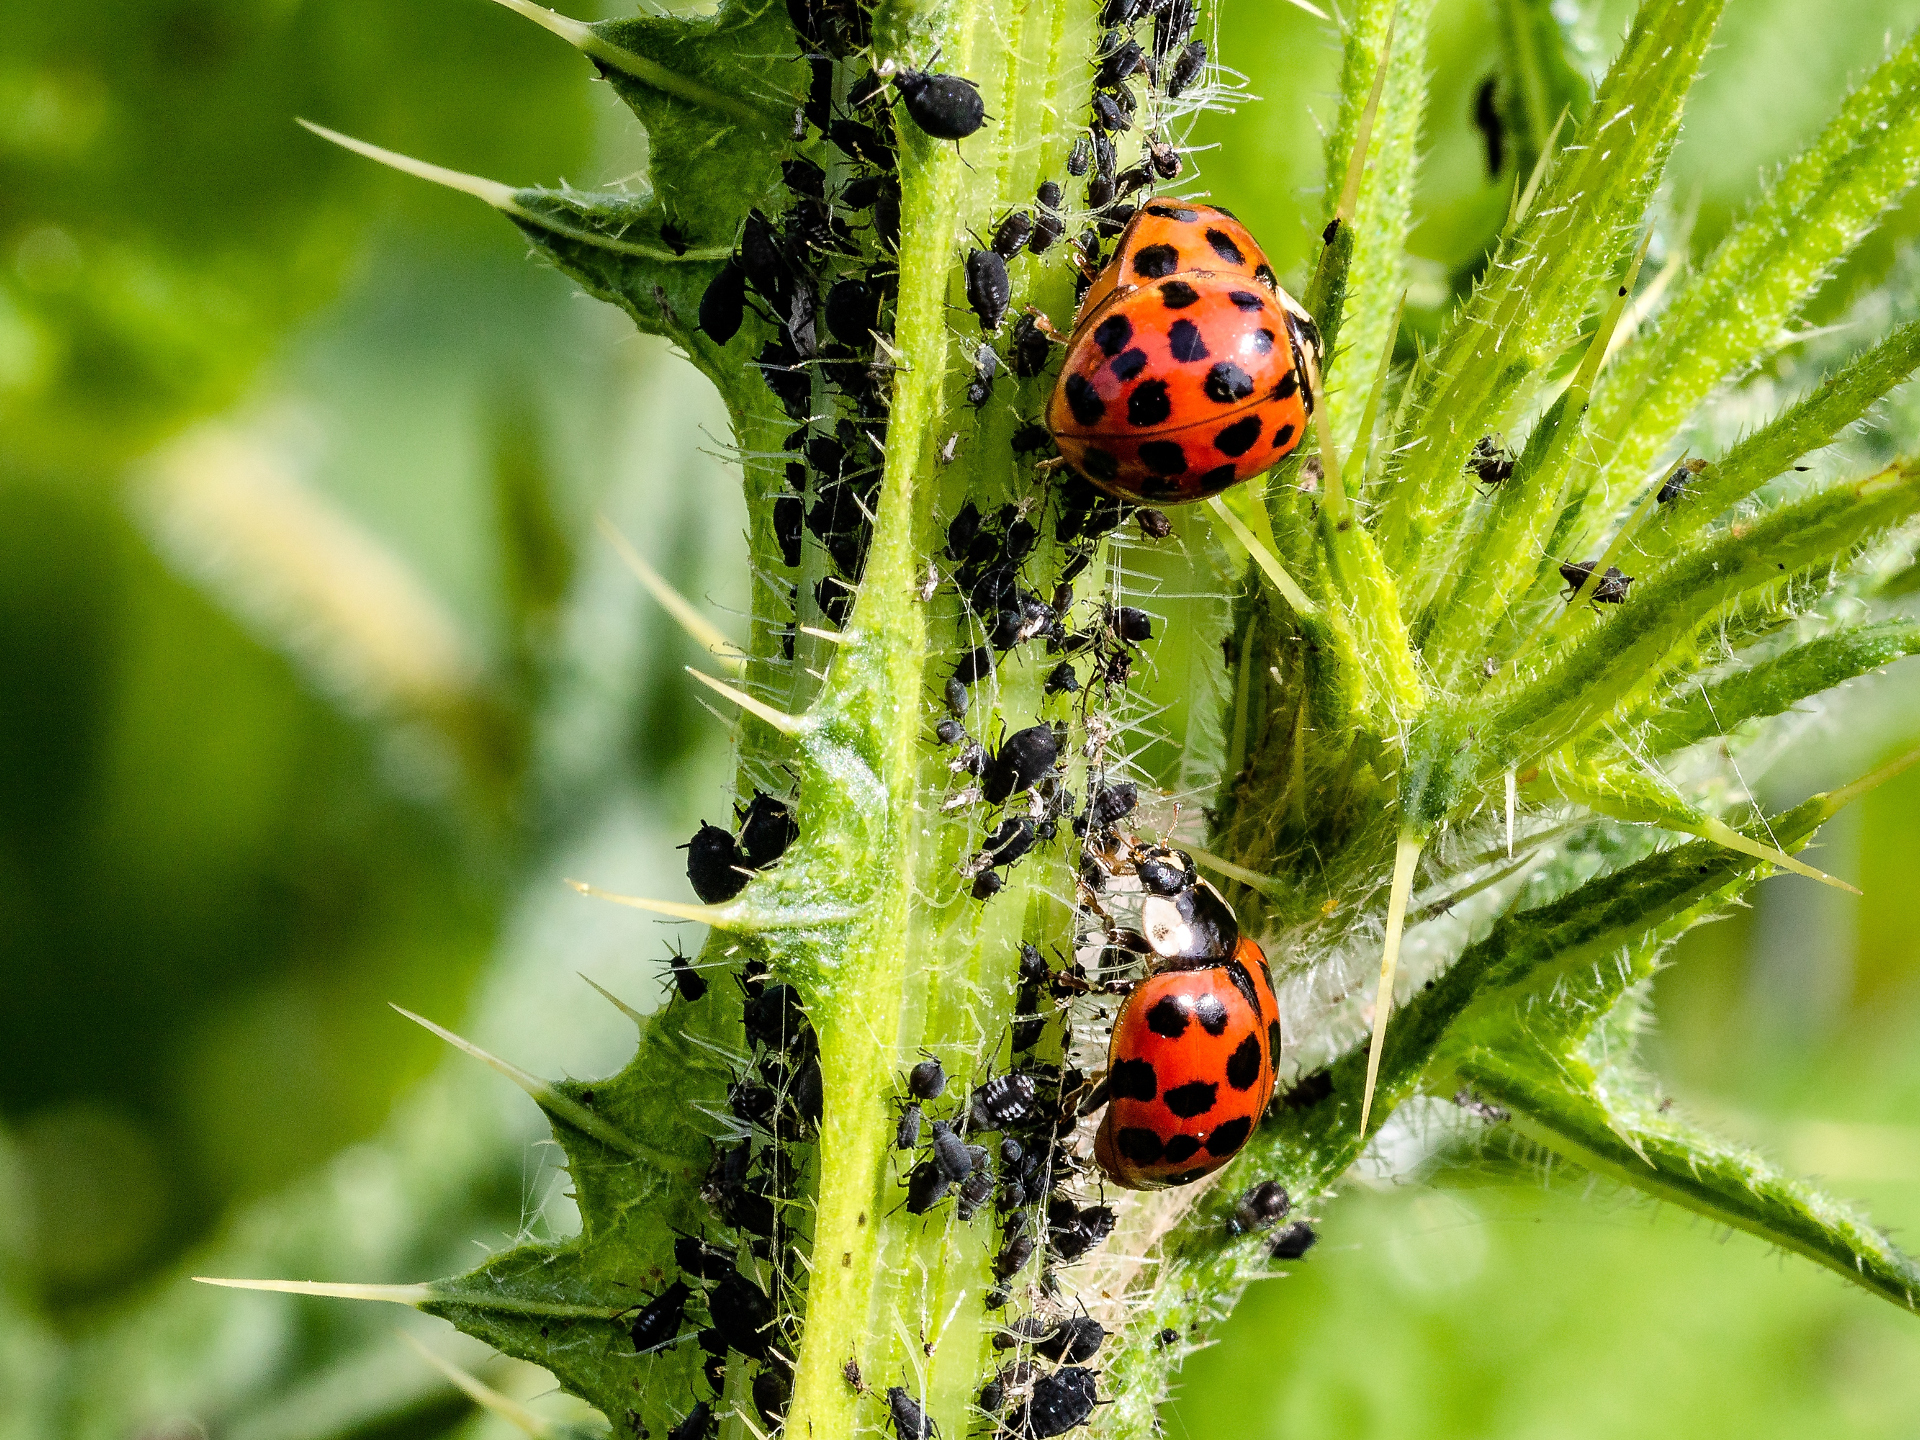 Marienkäfer machen sich mit Begeisterung über die lästigen Blattläuse her. - Photocredit: pixabay.com/Myriams-Fotos